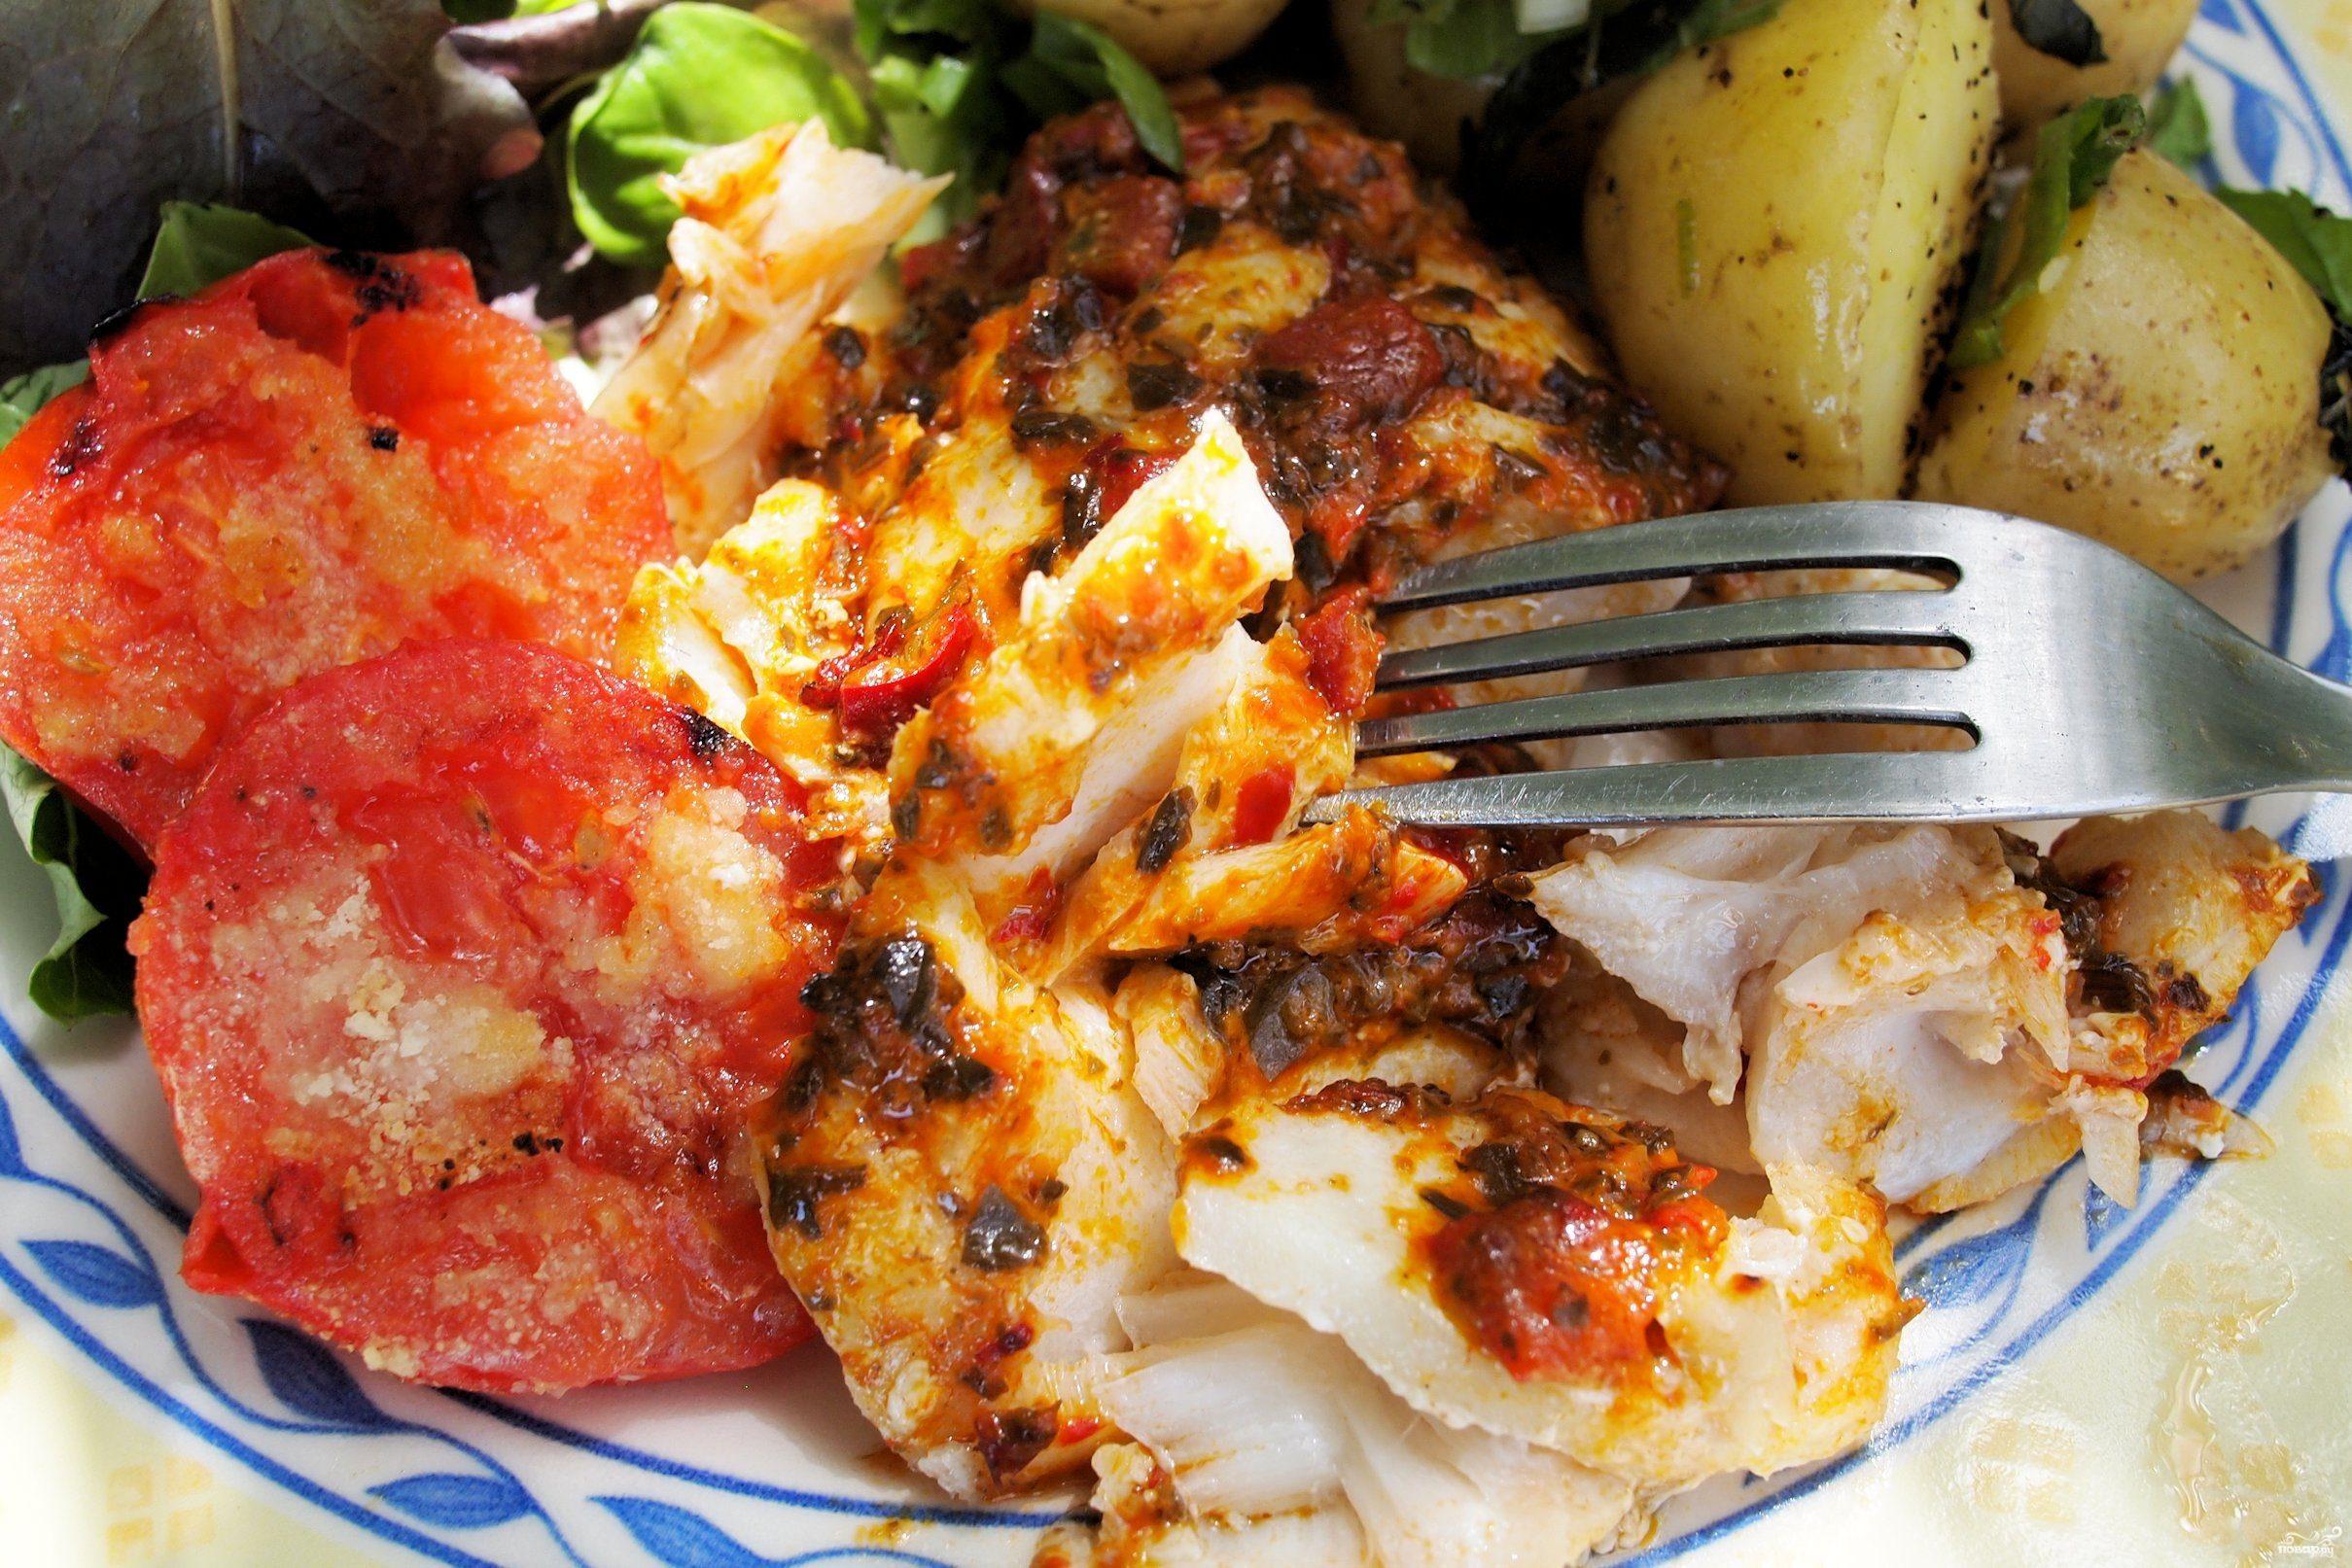 рецепт лосося с картофелем в духовке рецепт с фото